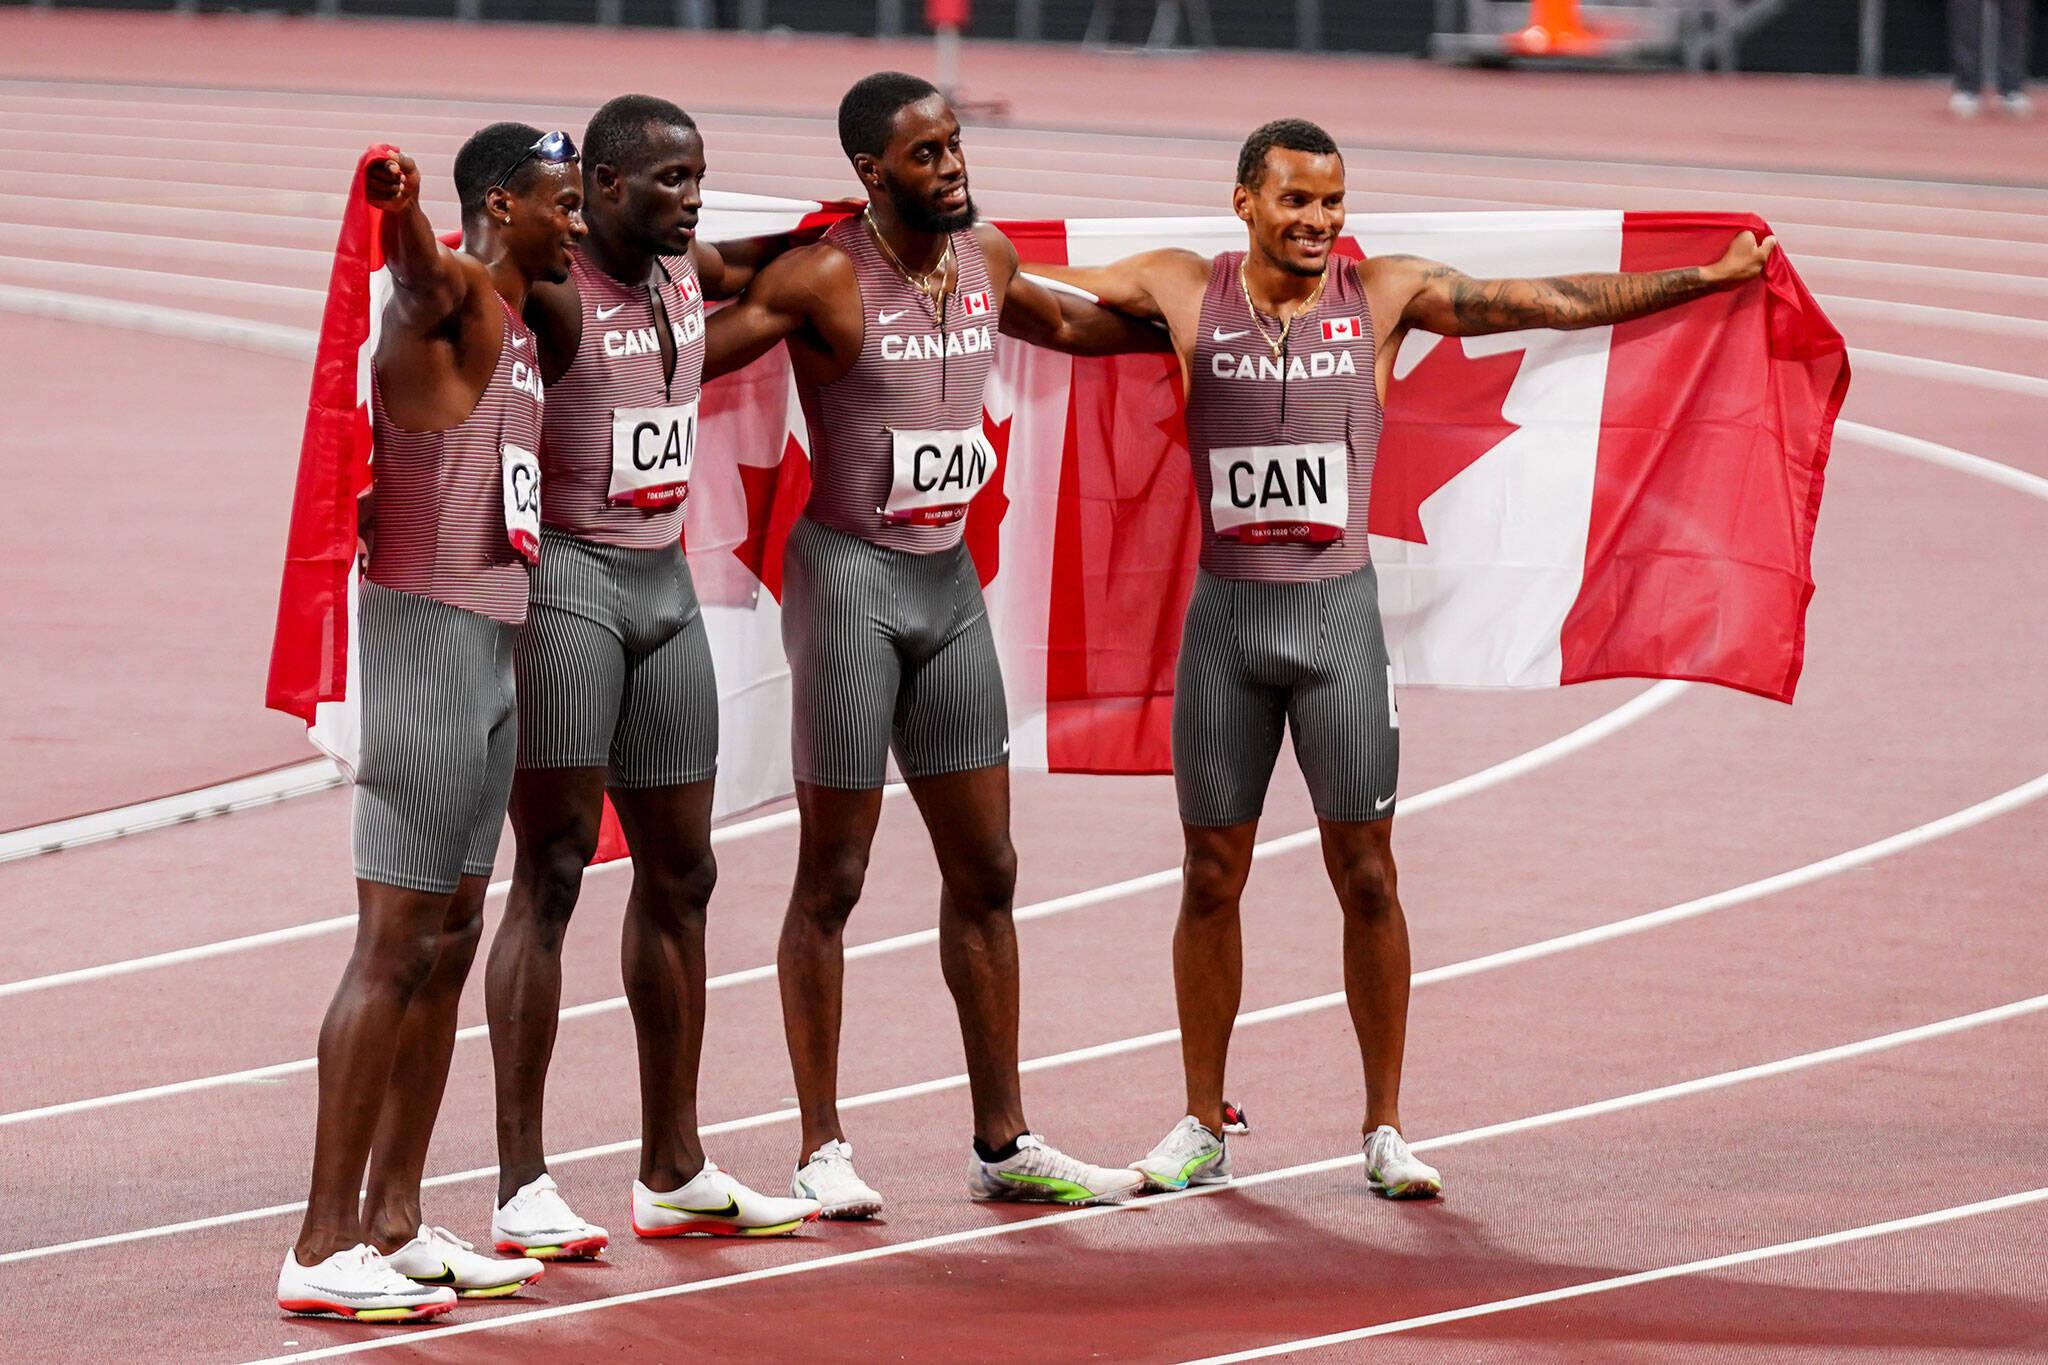 100m relay final